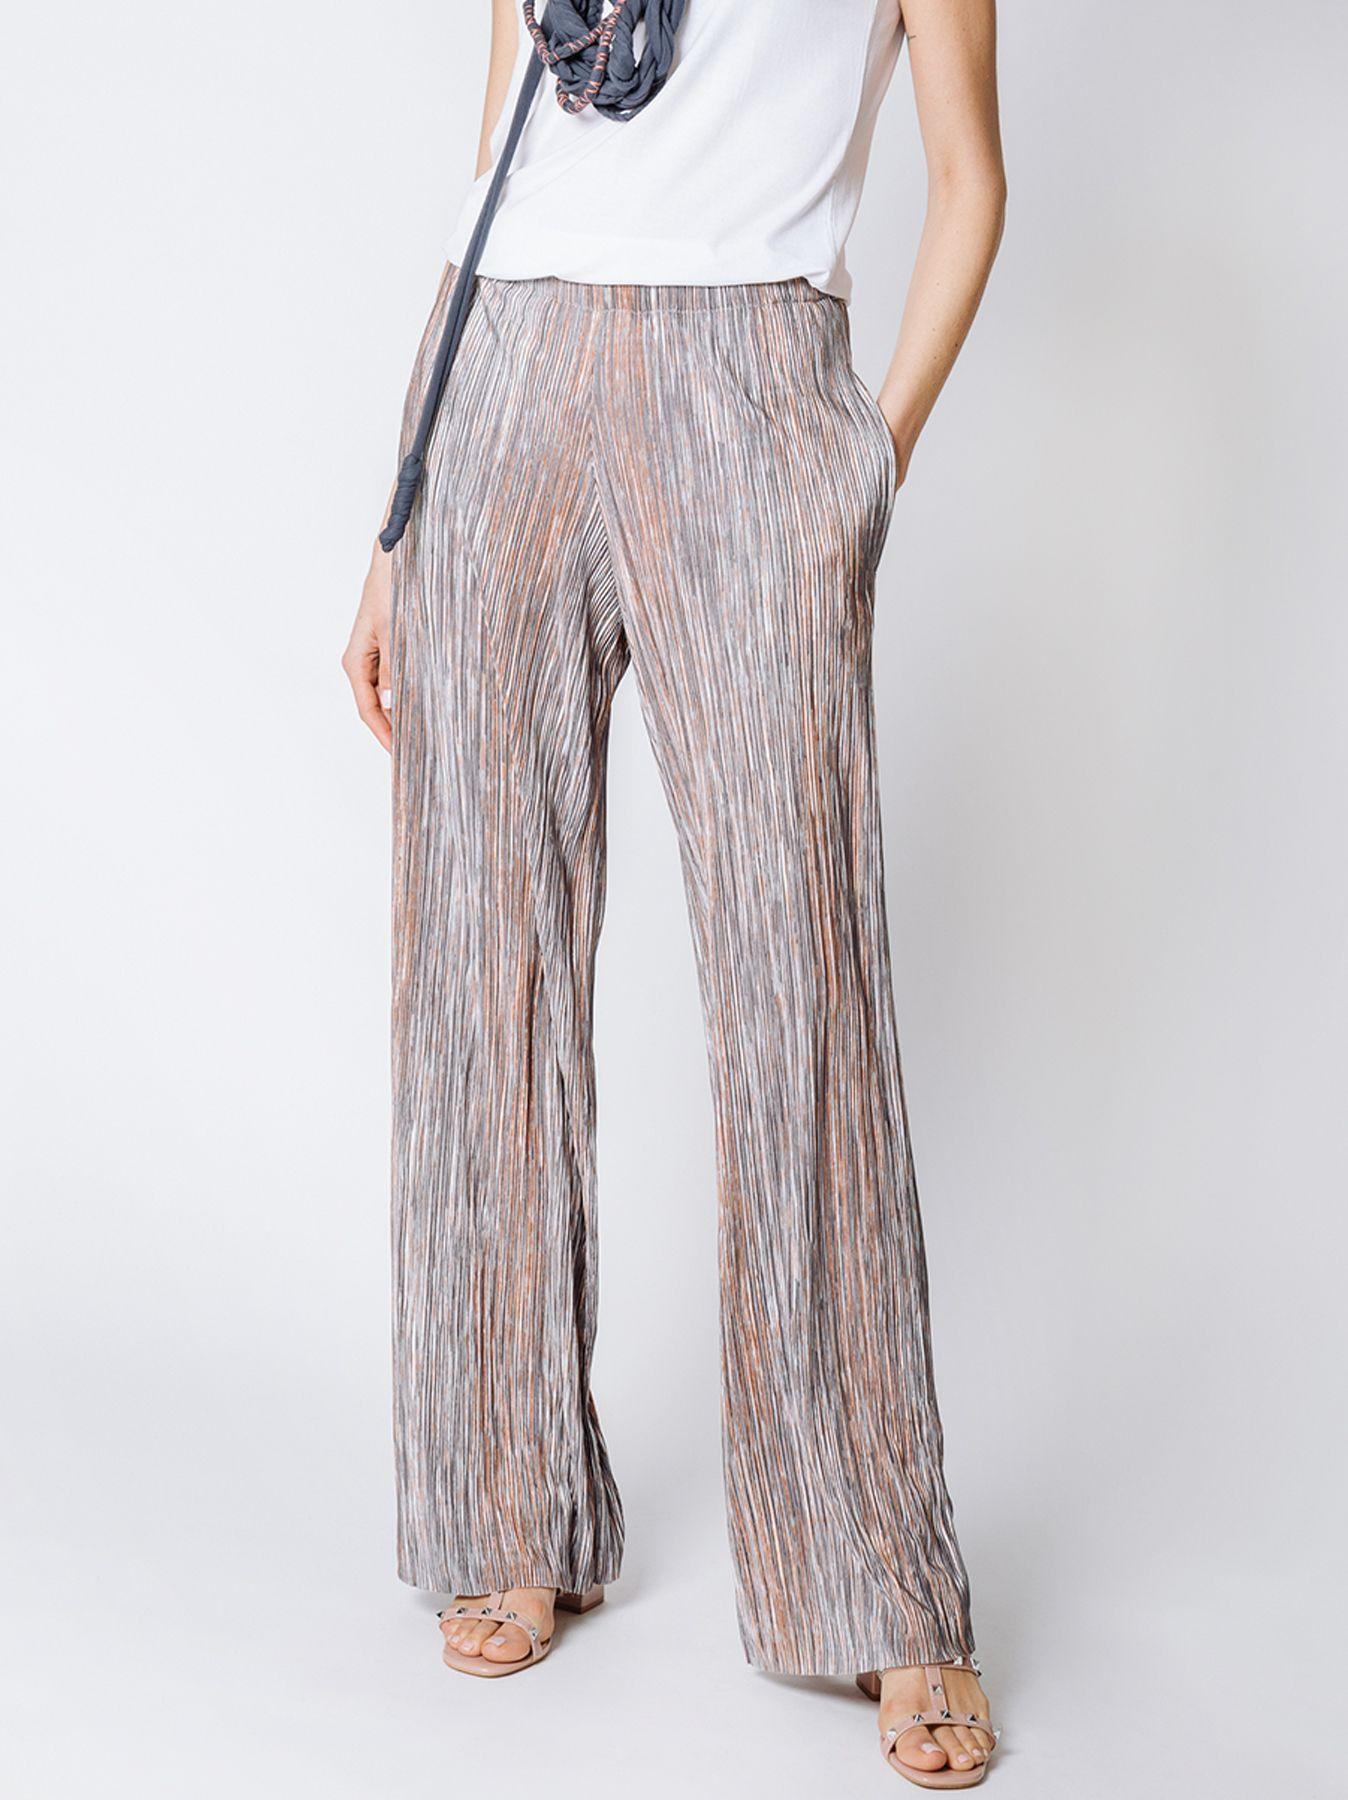 Pantalone morbido in tessuto plissé